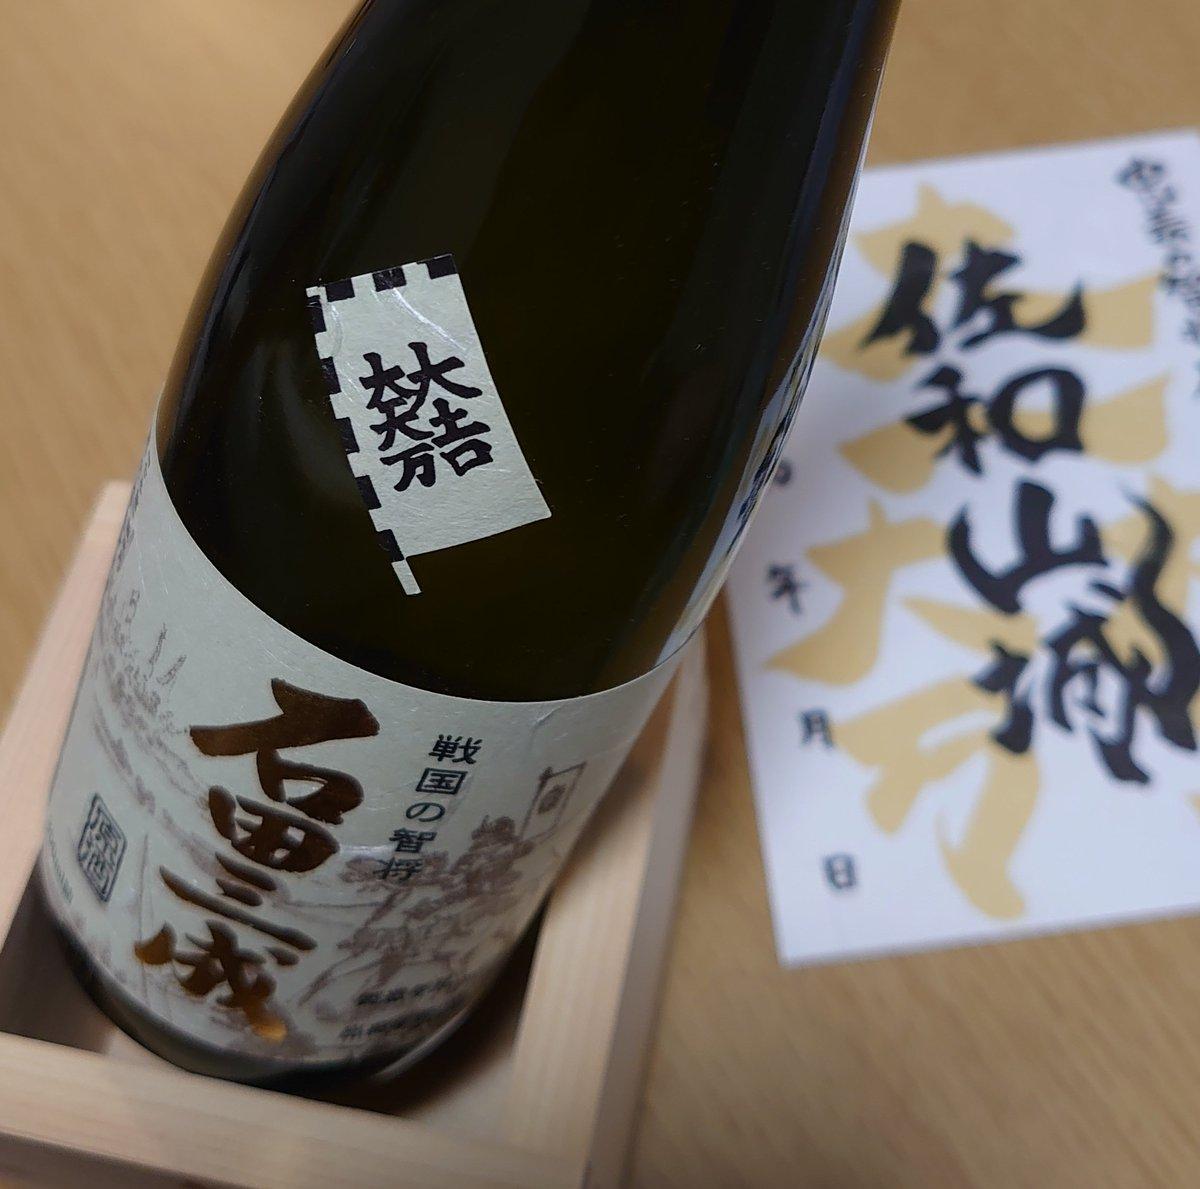 test ツイッターメディア - @zibumitunari 湖北の冨田酒造さんで石田三成原酒買ってきました。今日はこれ呑んで明日のイクサに備えます! https://t.co/h8K7EVwSy2